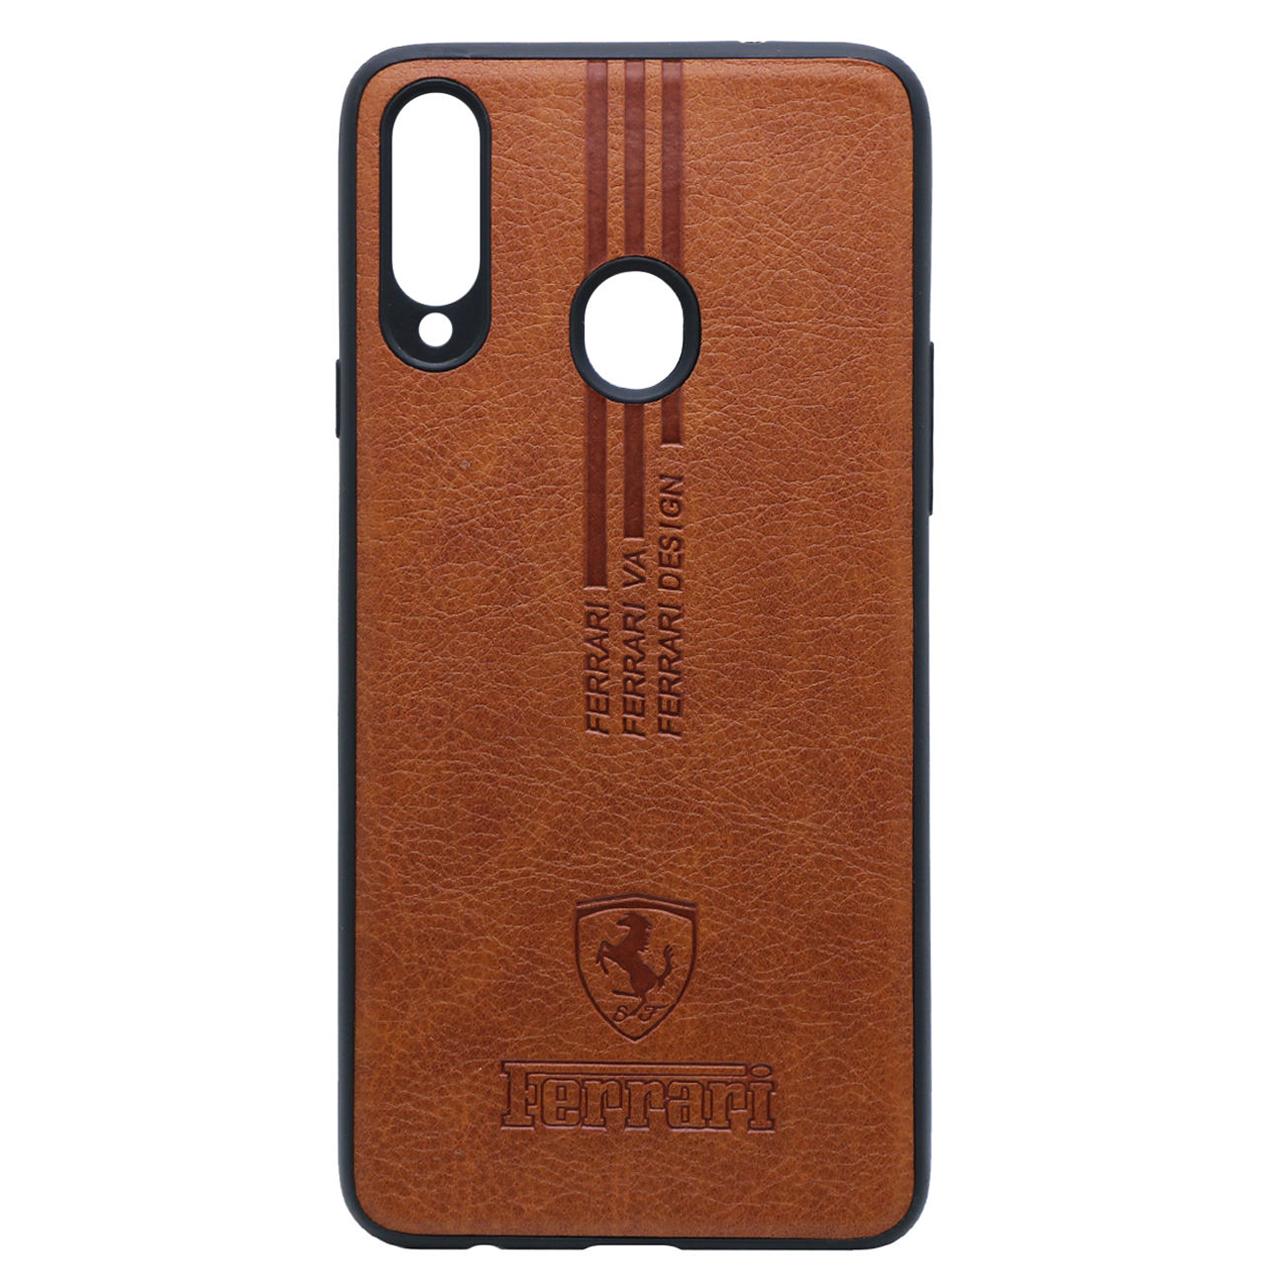 کاور مدل FRR-01 مناسب برای گوشی موبایل سامسونگ Galaxy A10s